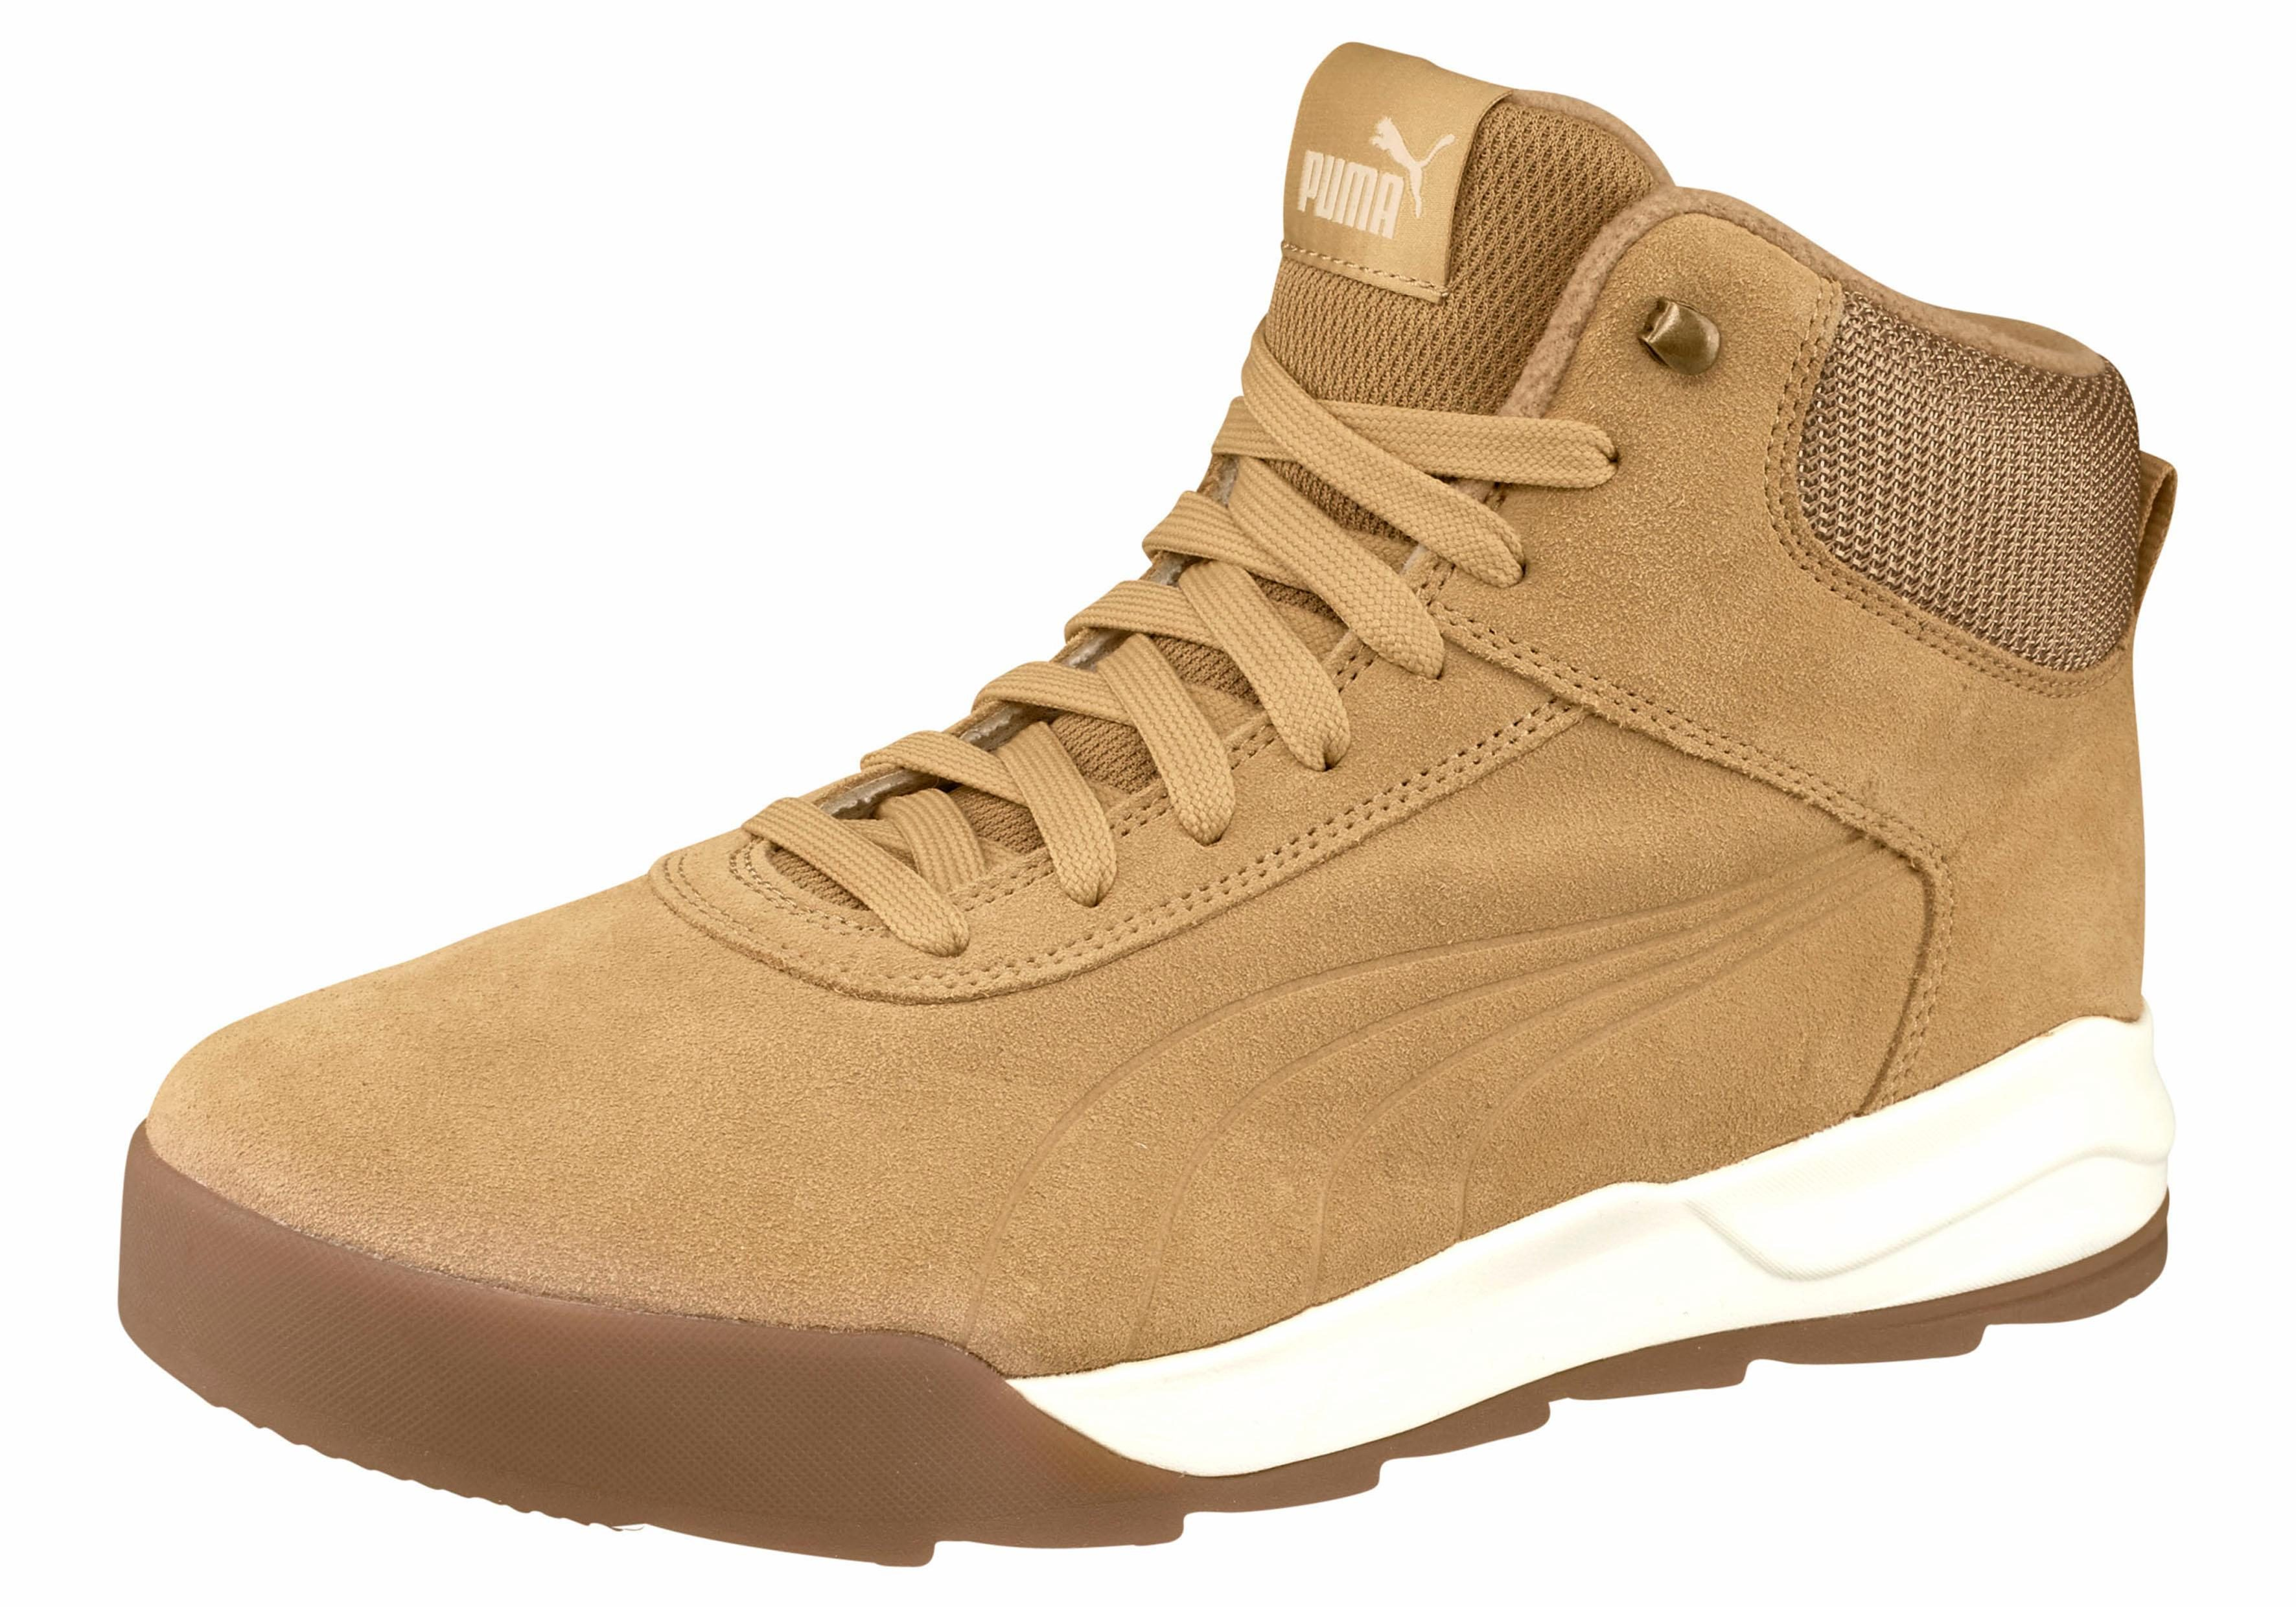 PUMA »Desierto« Sneaker, Robustes und sportliches Leder Obermaterial online kaufen | OTTO